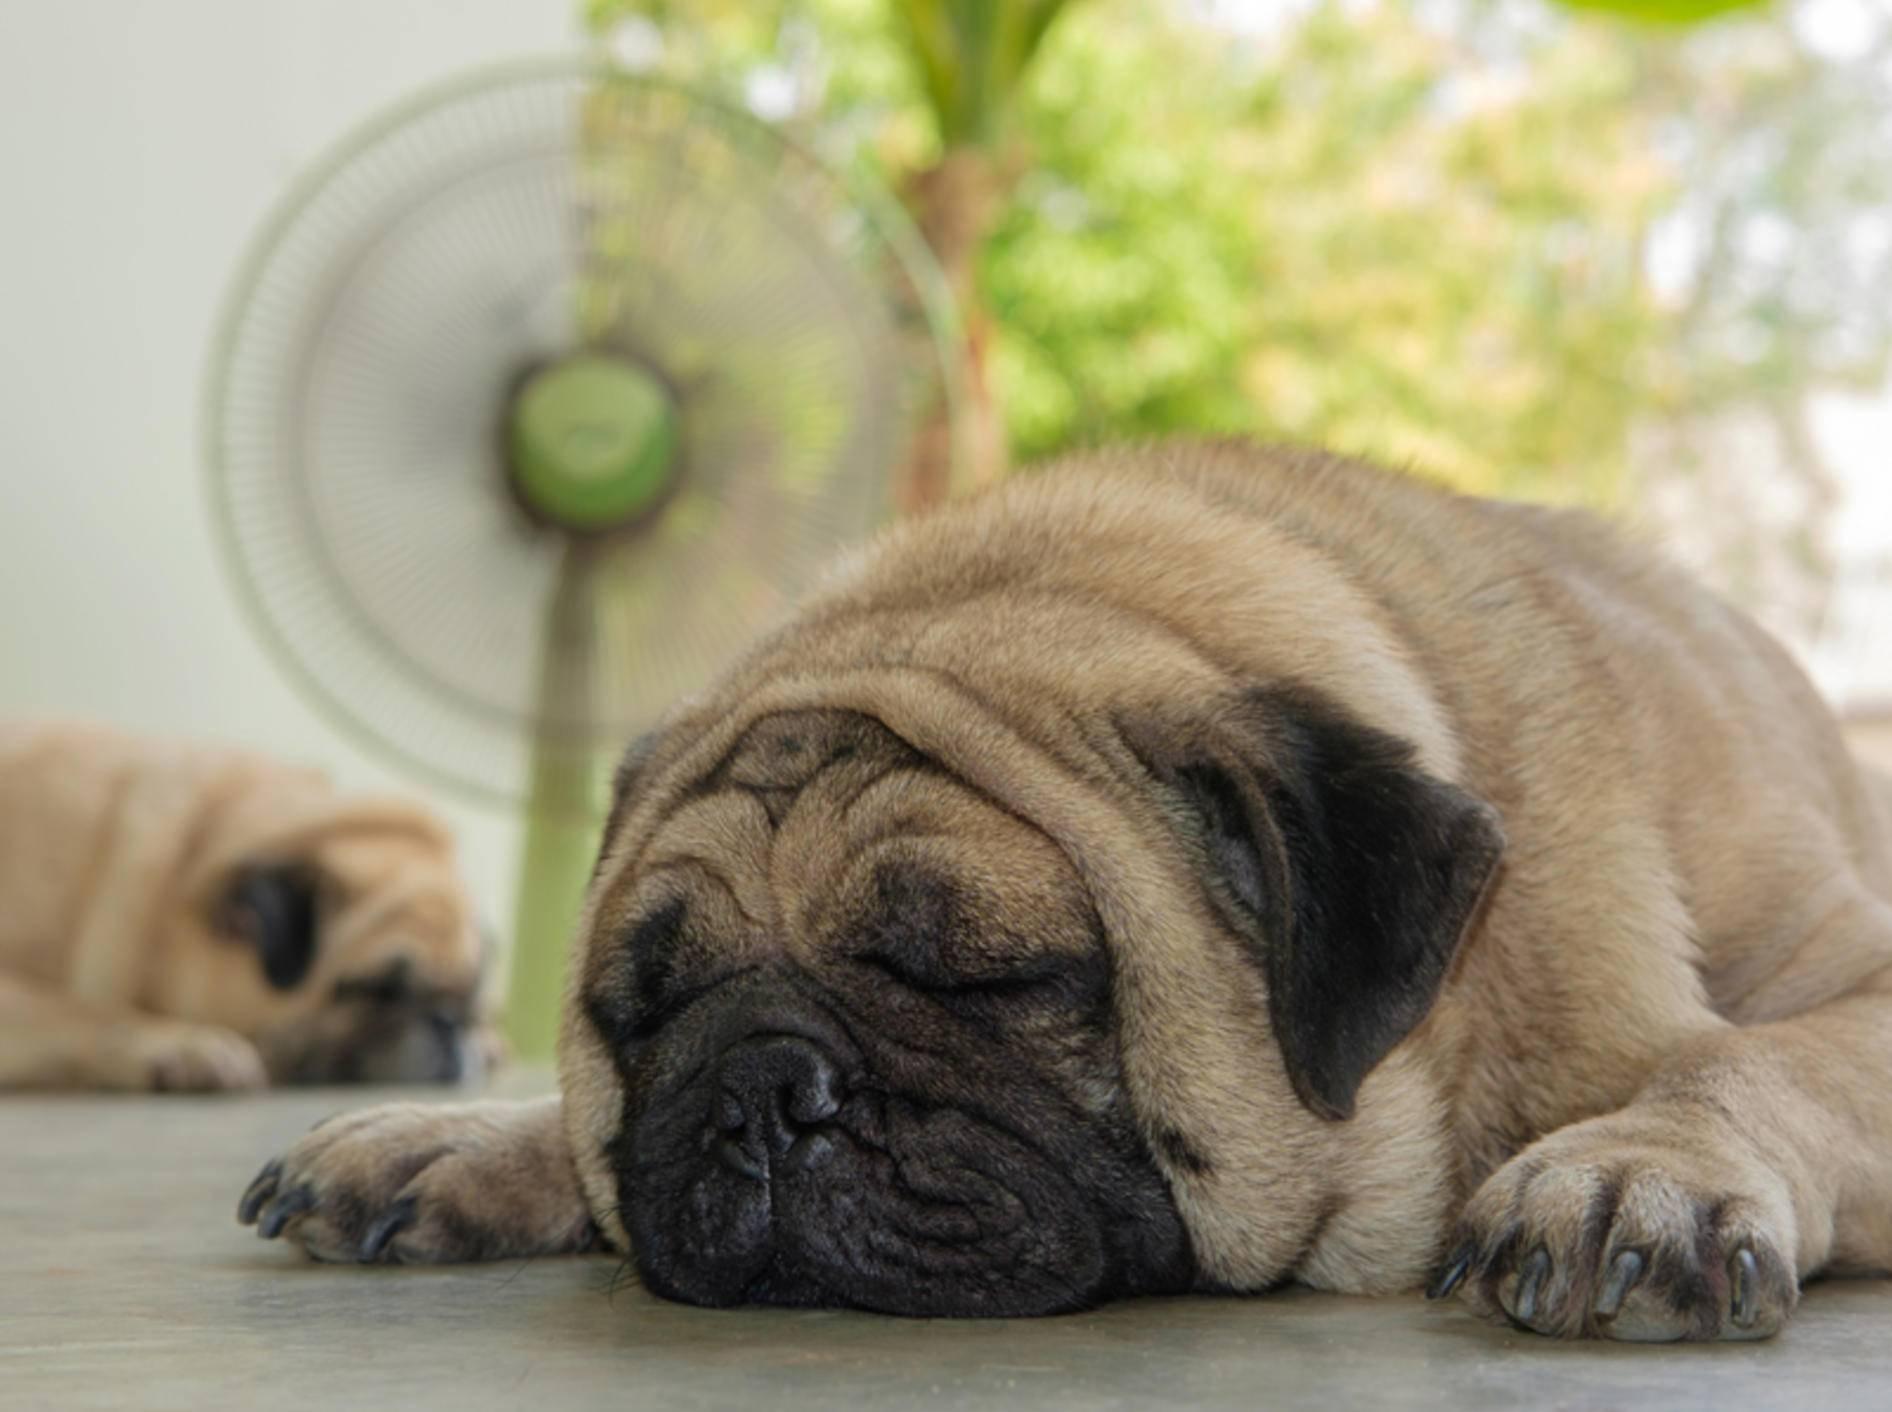 Achtung! Zugluft vom Ventilator ist nicht gut für Hunde und andere Haustiere – Shutterstock / Ezzolo